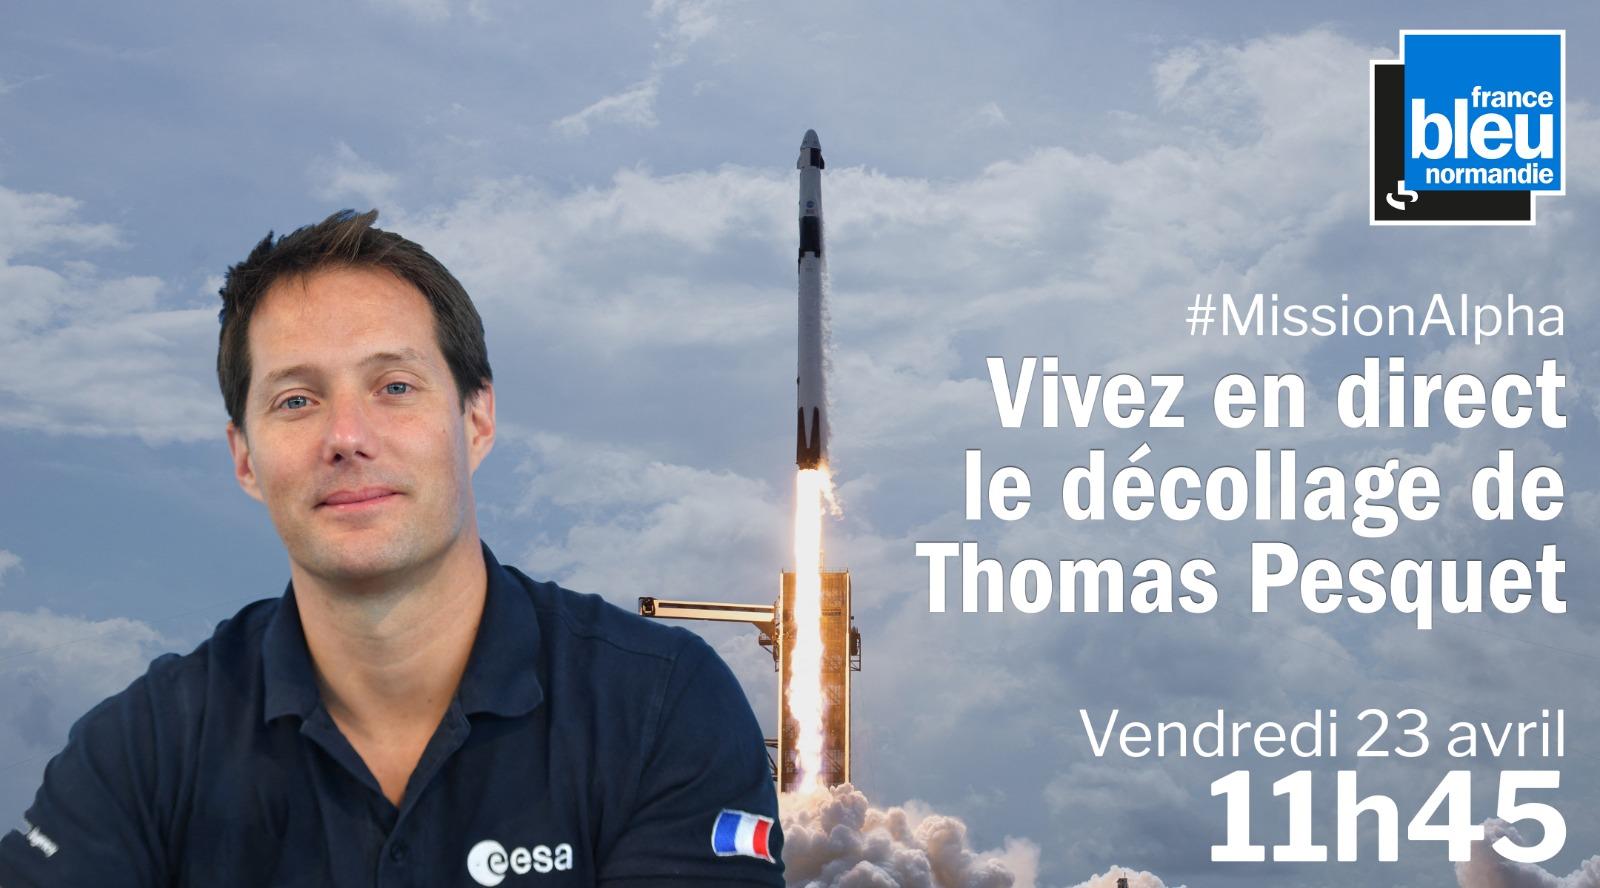 France Bleu Normandie décolle avec Thomas Pesquet